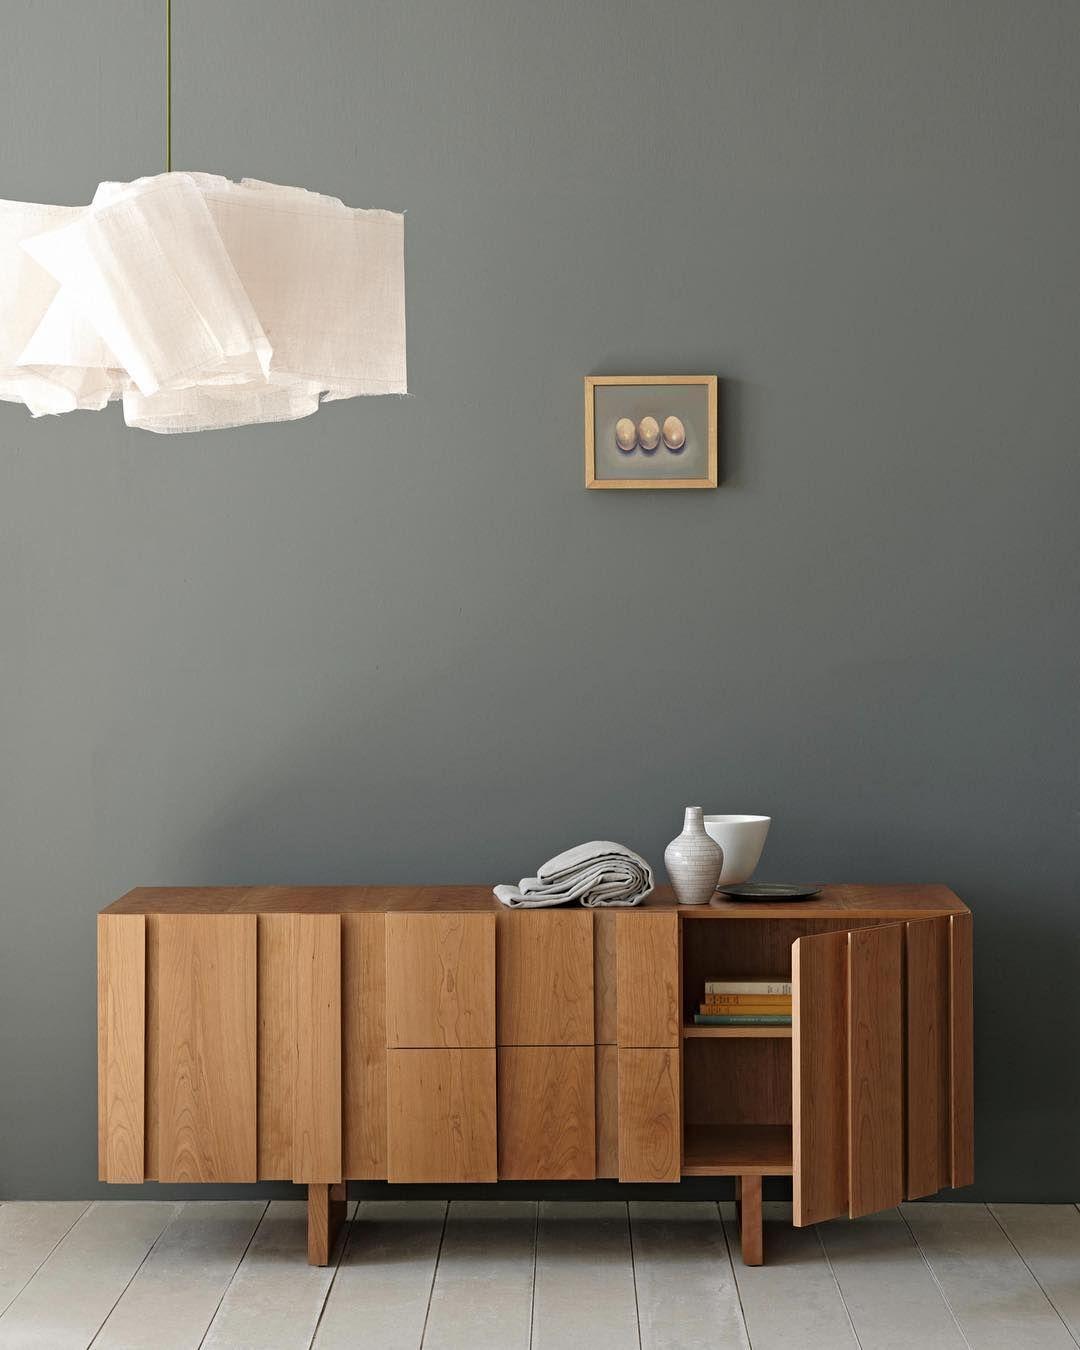 Innenarchitektur wohnzimmerfarbe pin von michael gehrmann auf colours  pinterest  wohnzimmer